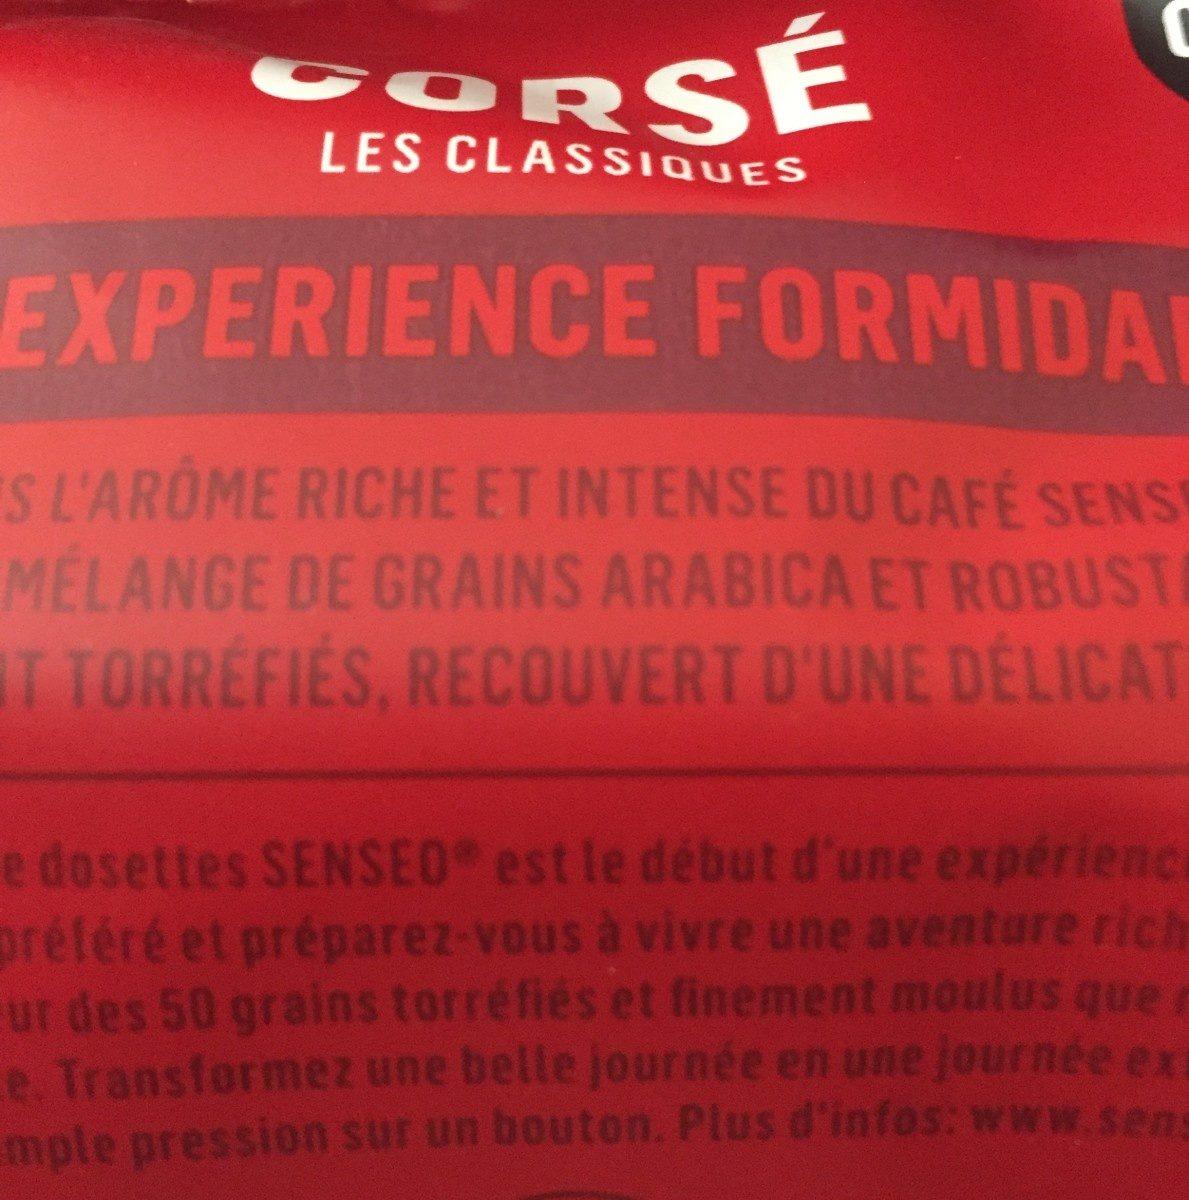 Senseo corsé - Ingrediënten - fr